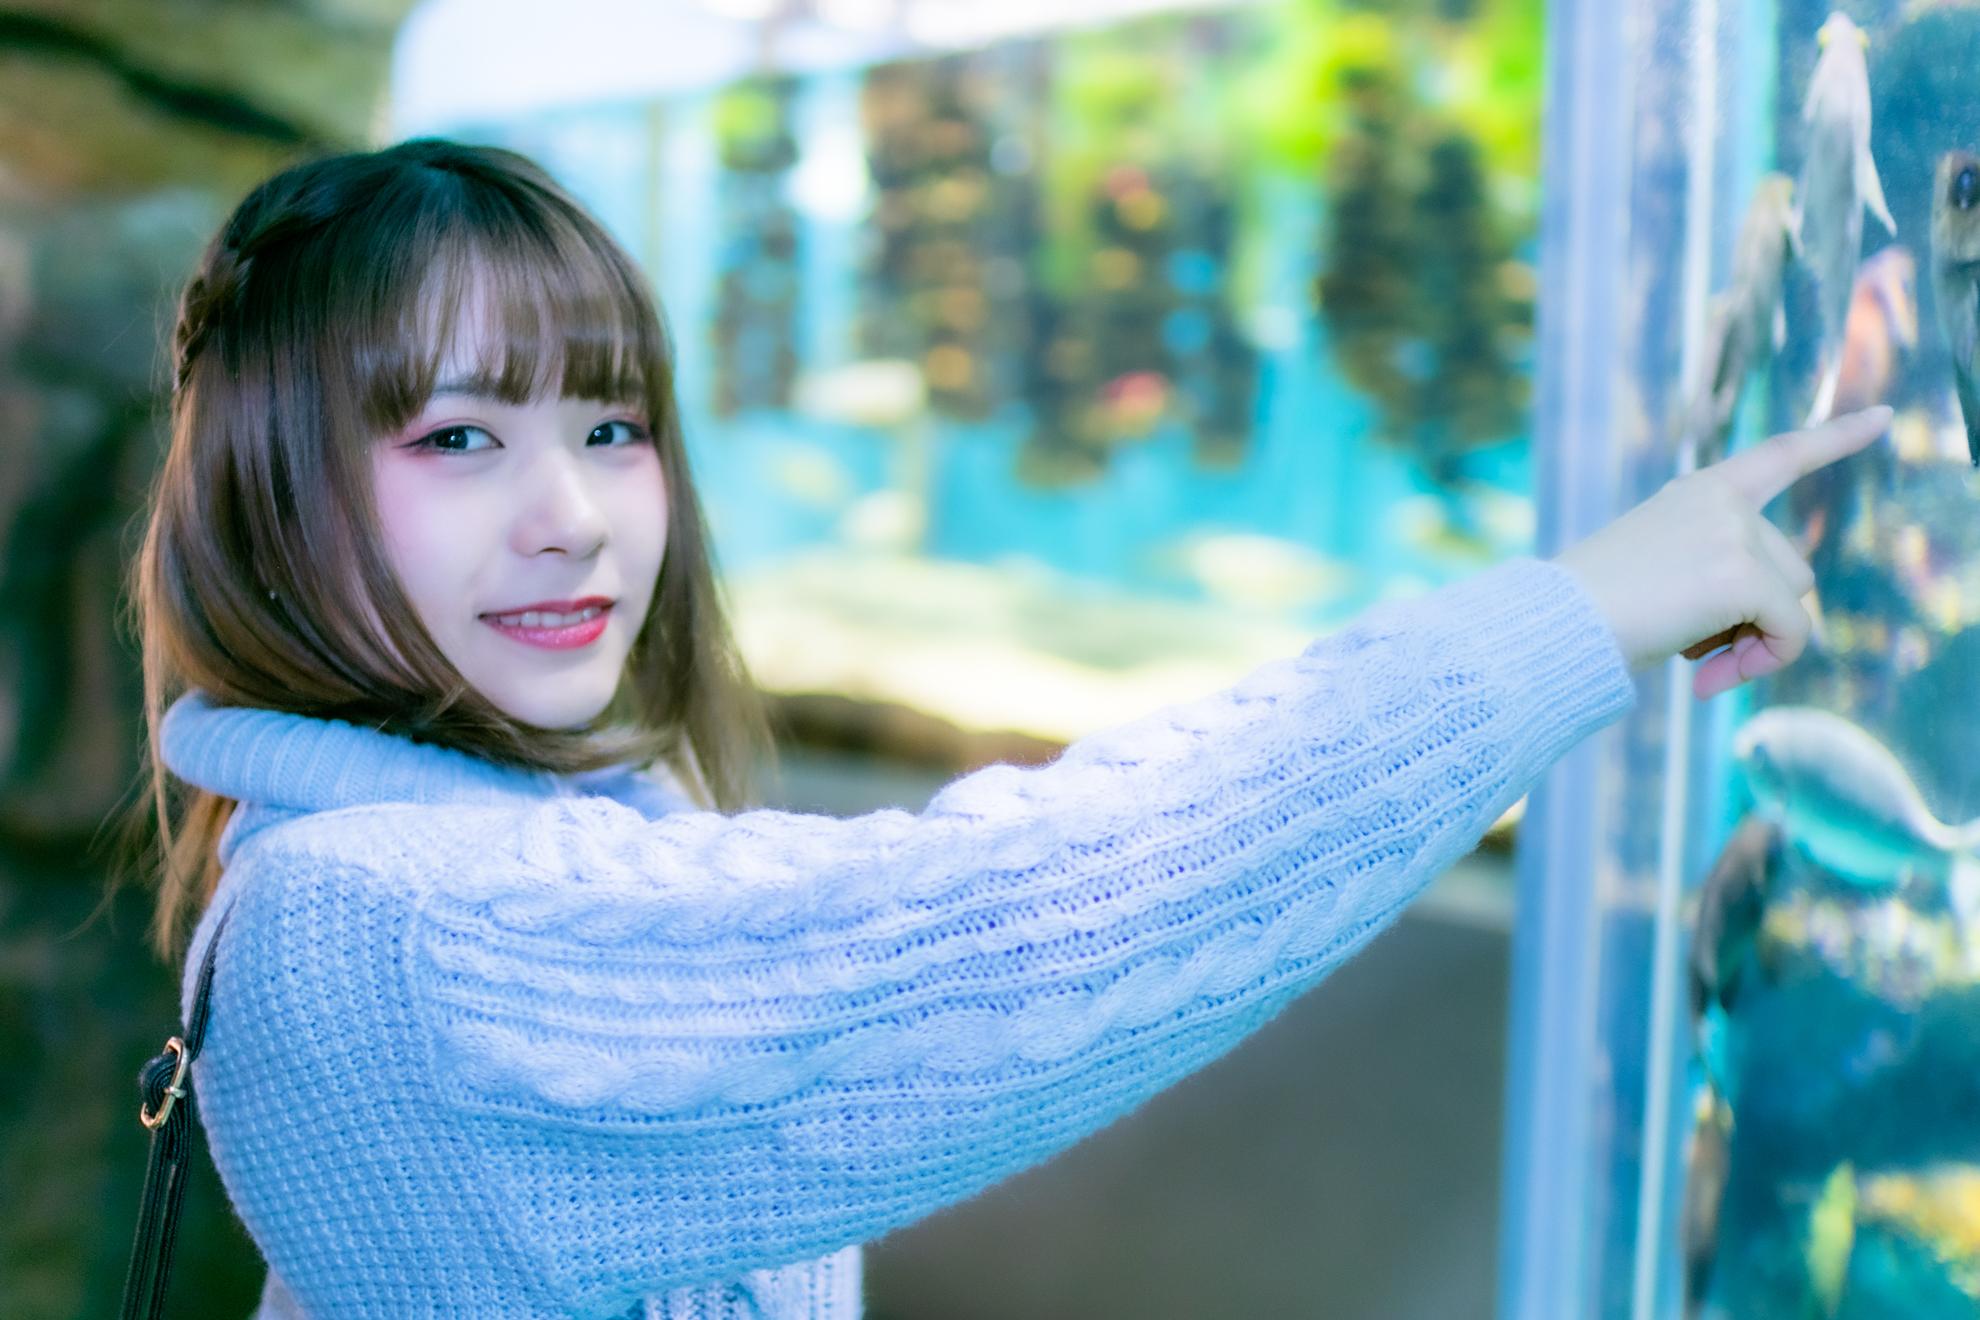 海の杜水族館での卯月紅葉さんの写真